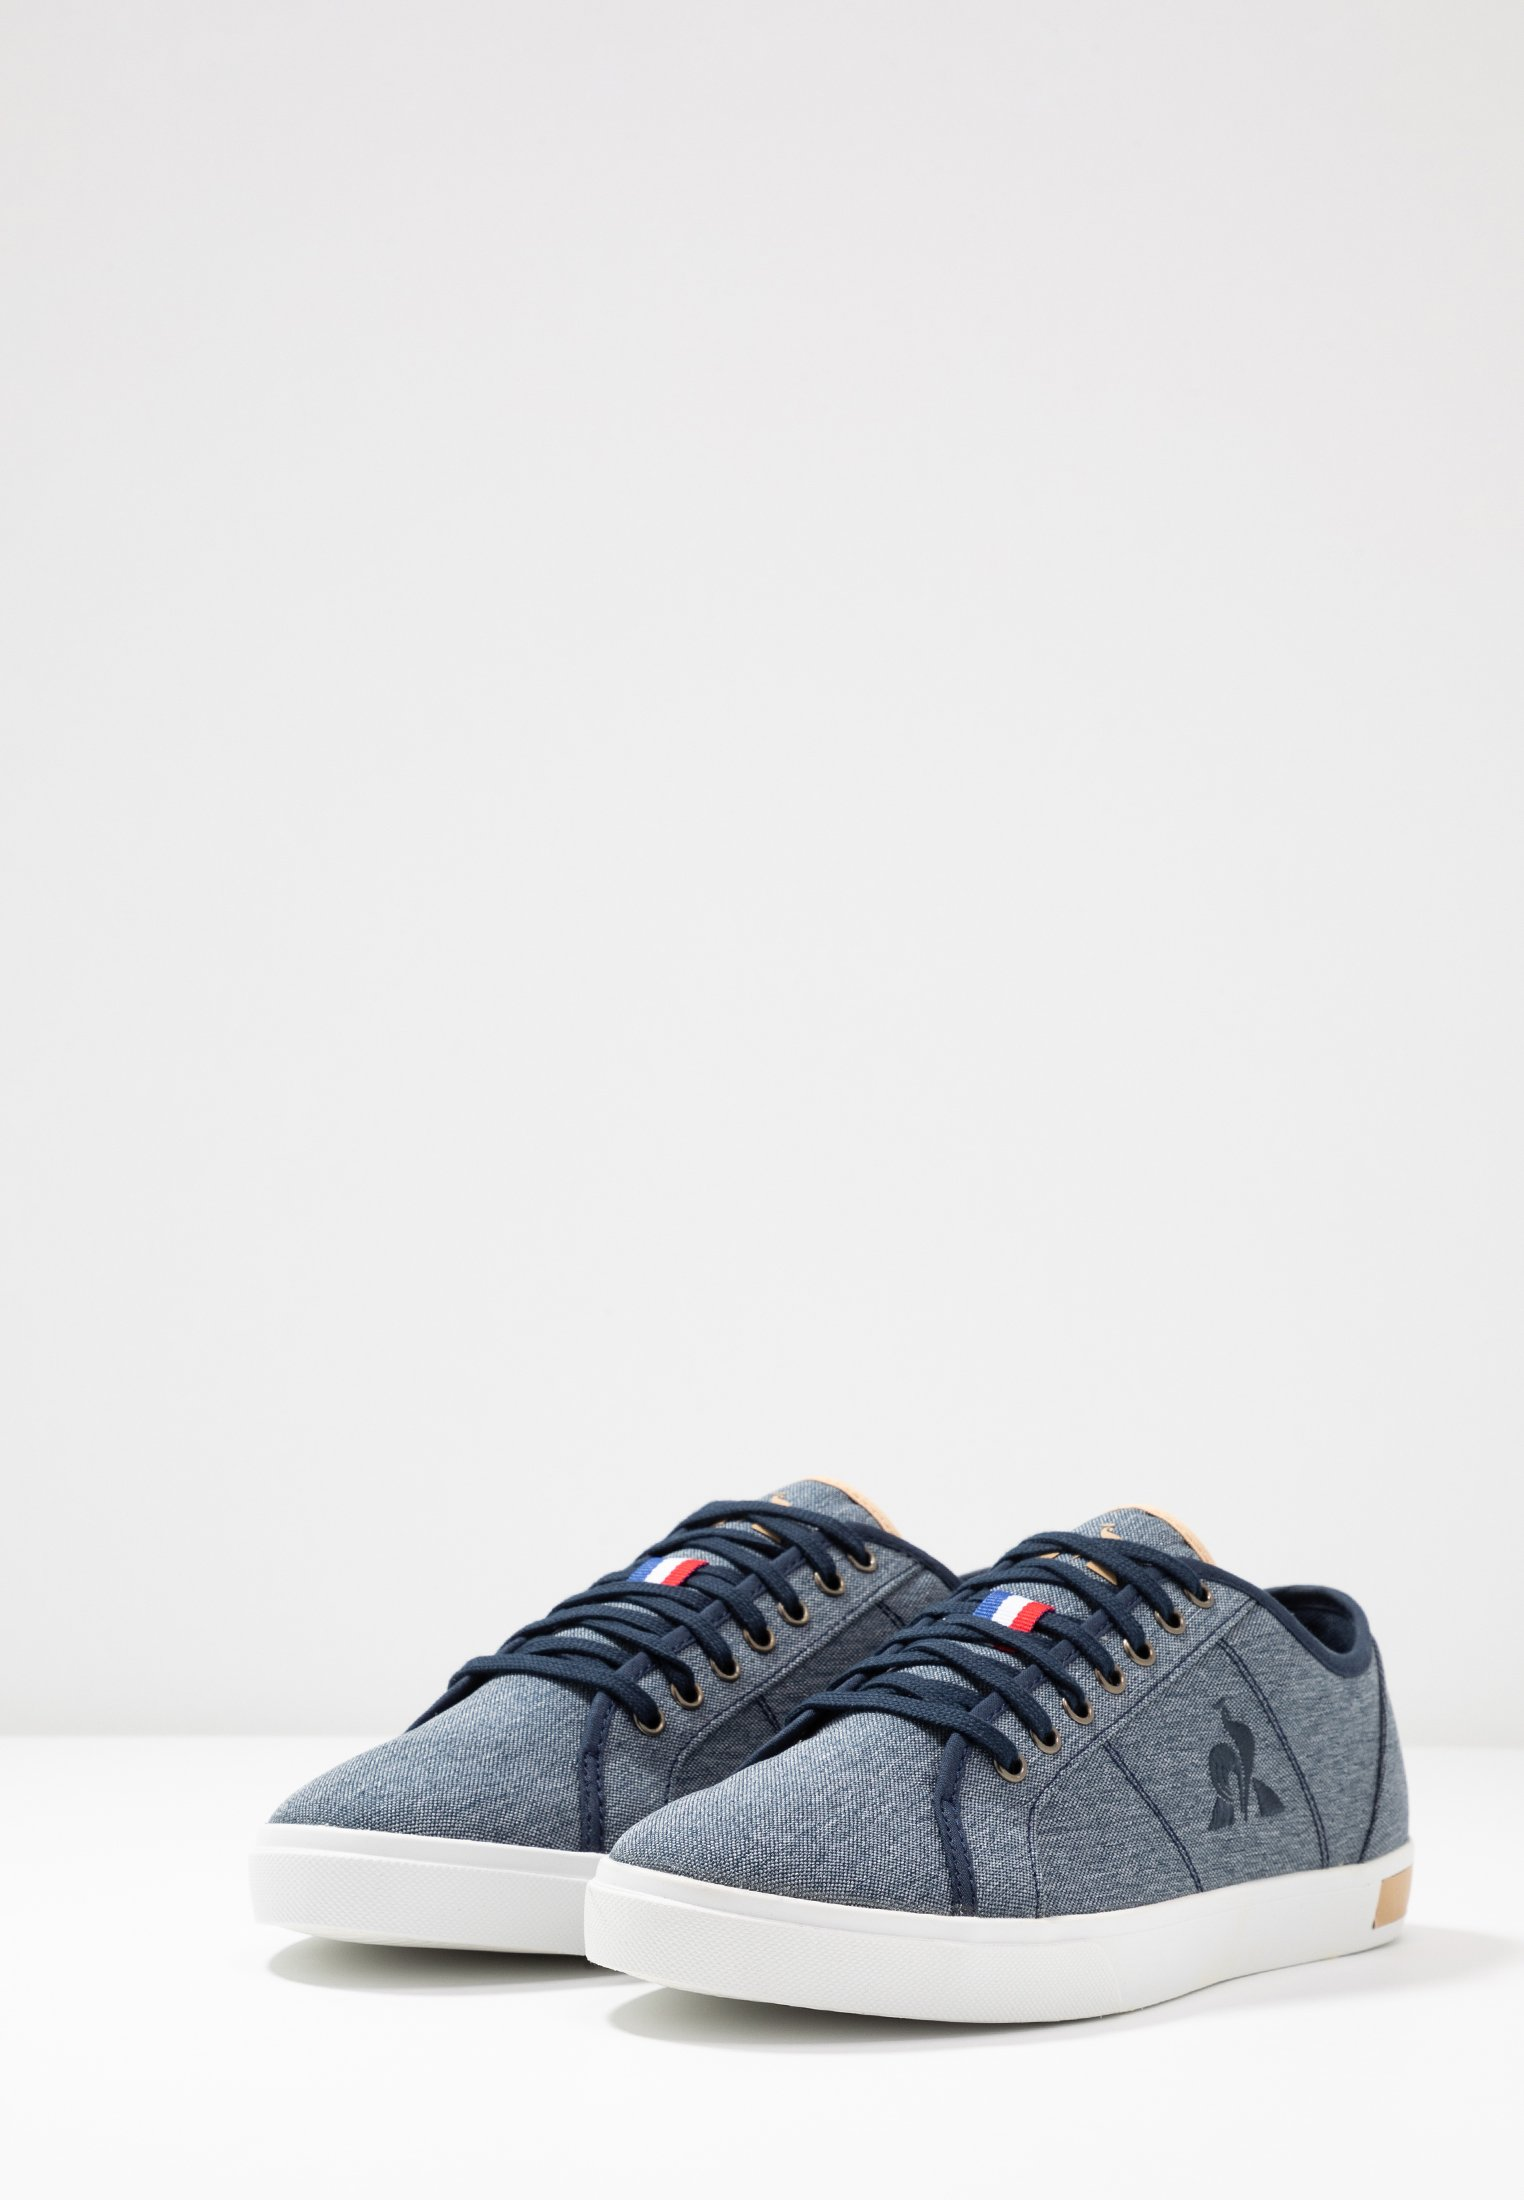 Dress Basses VerdonBaskets Sportif Blue Coq Le yOvmN80wn